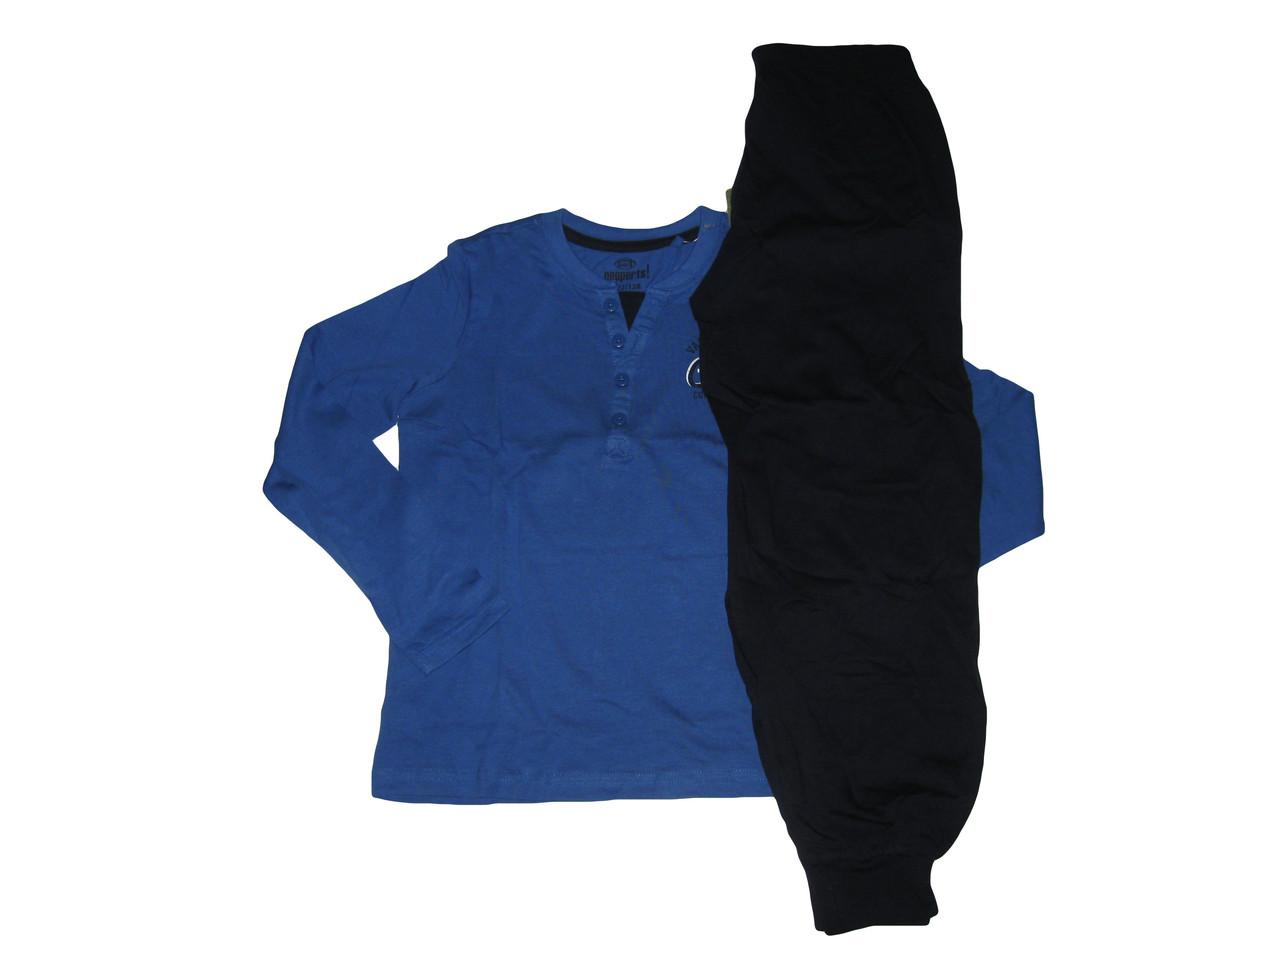 Пижама трикотажная для мальчика, размеры 122/128, Pepperts, арт. 321